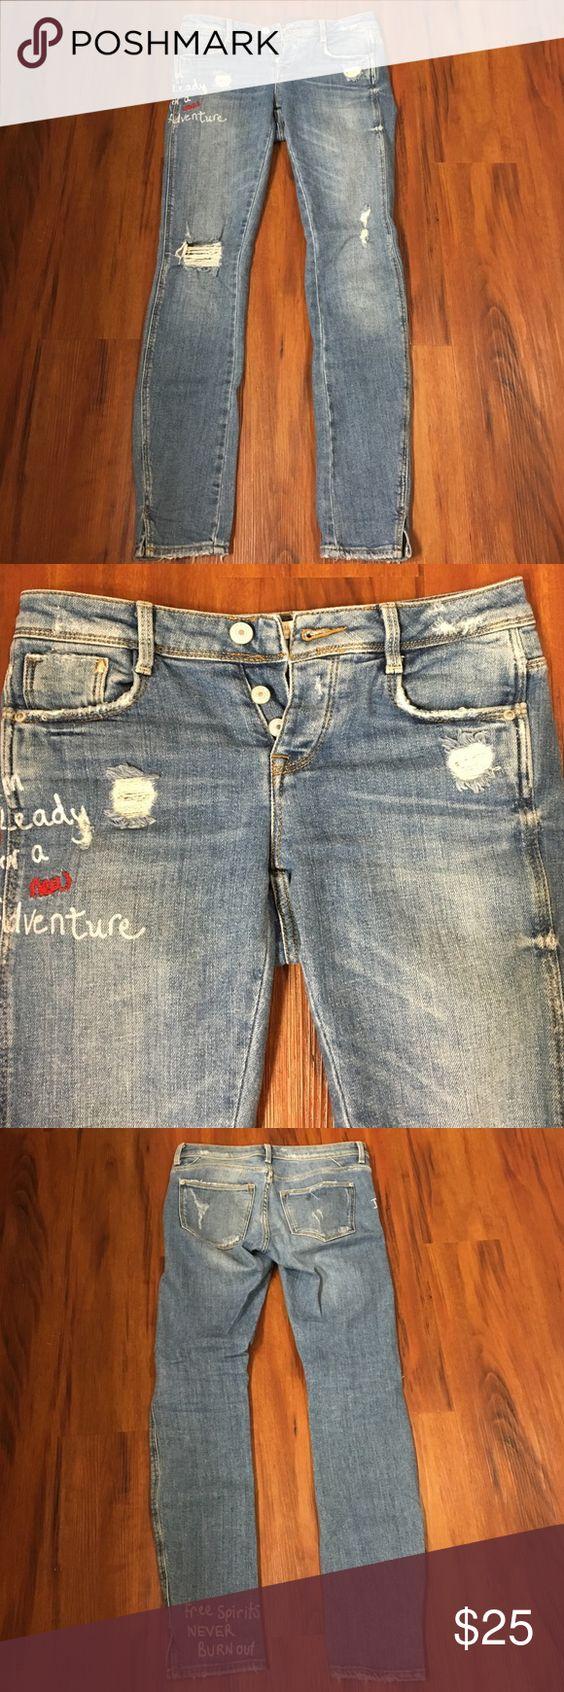 Zara jeans Zara/Trafakuc distressed jeans. Size 00. Worn a few times- great condition. Zara Jeans Skinny